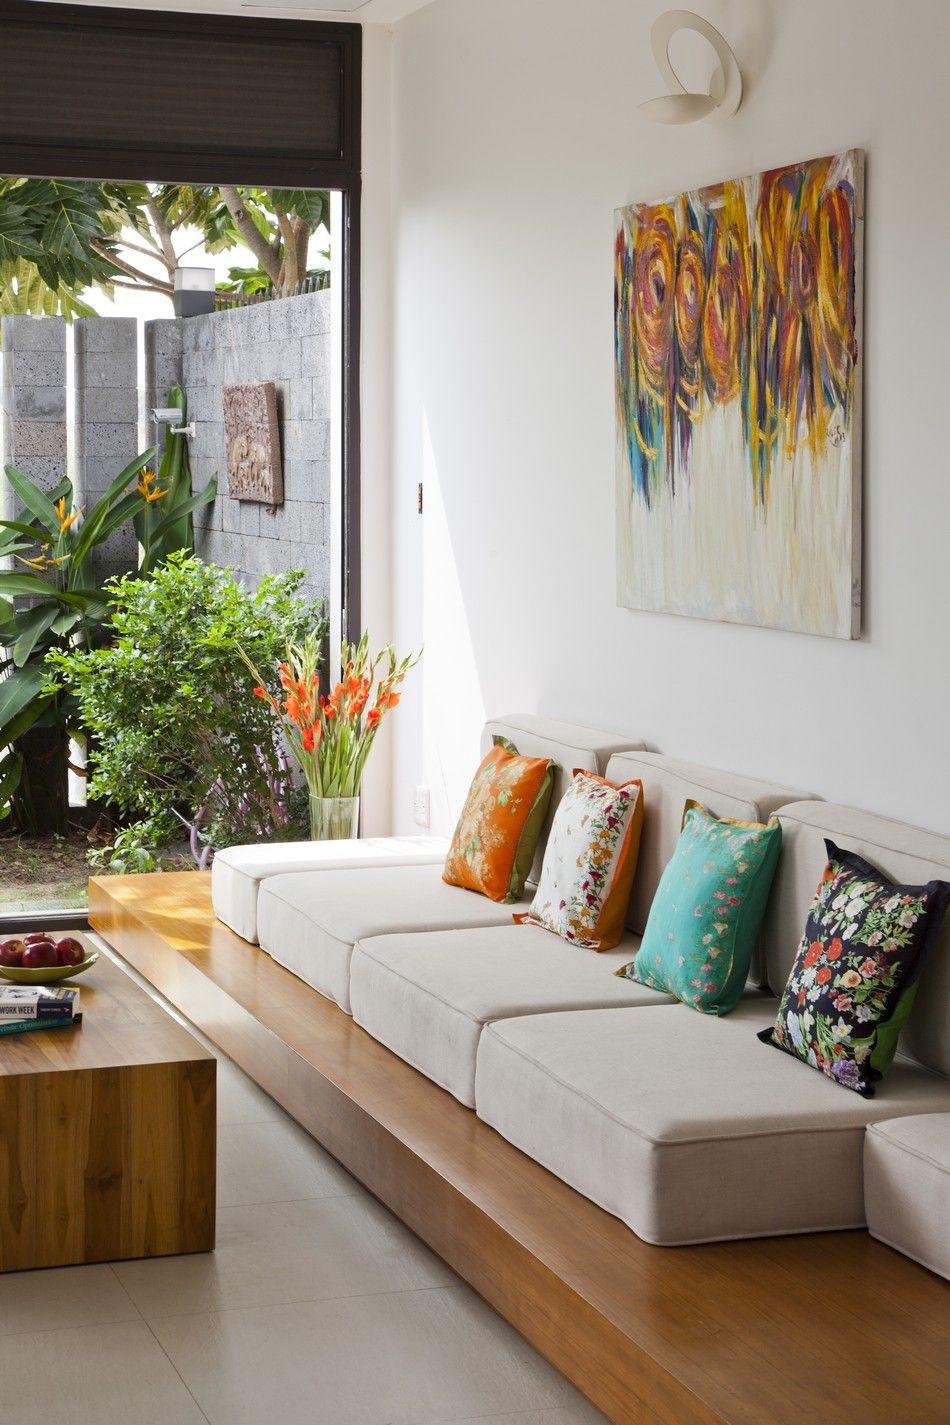 Drawing Room Sofa Designs India: Decoração Tropical: Dicas E Inspirações Para Apostar No